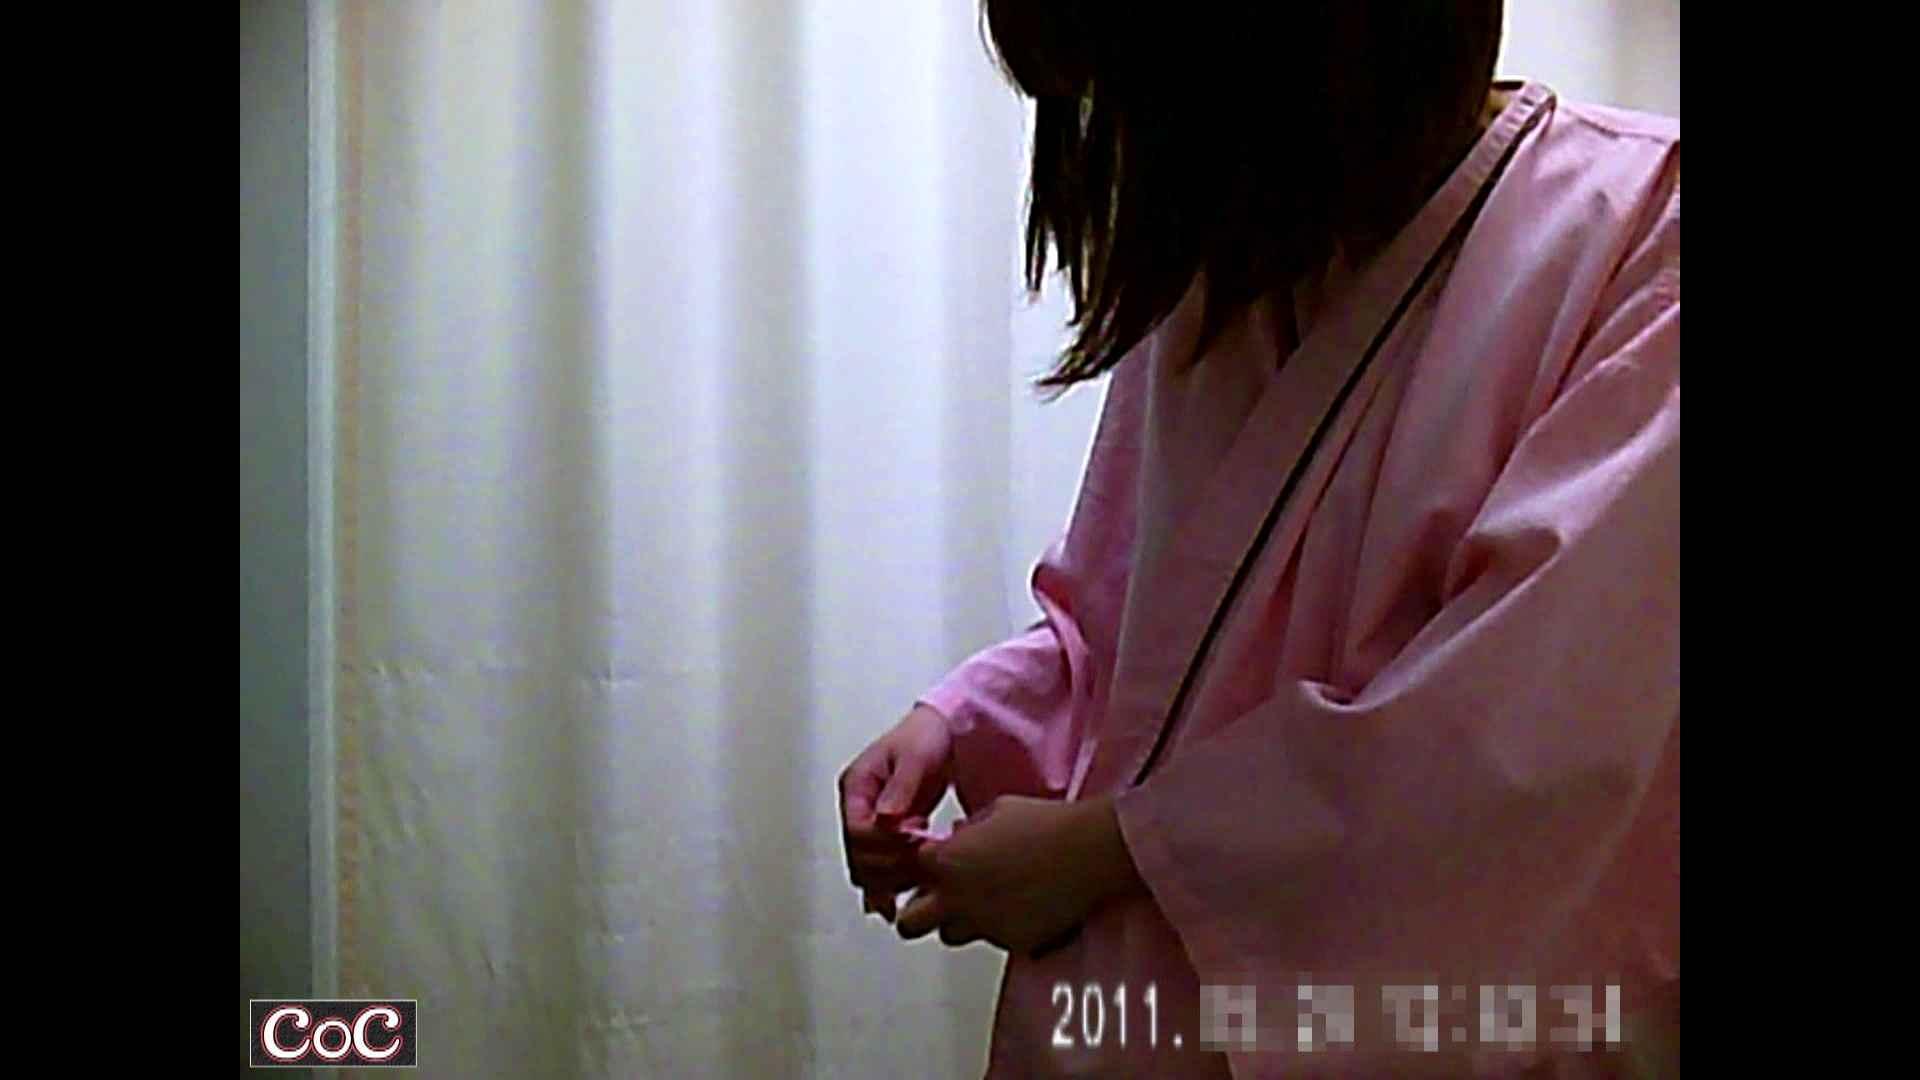 元医者による反抗 更衣室地獄絵巻 vol.171 OL  106pic 12